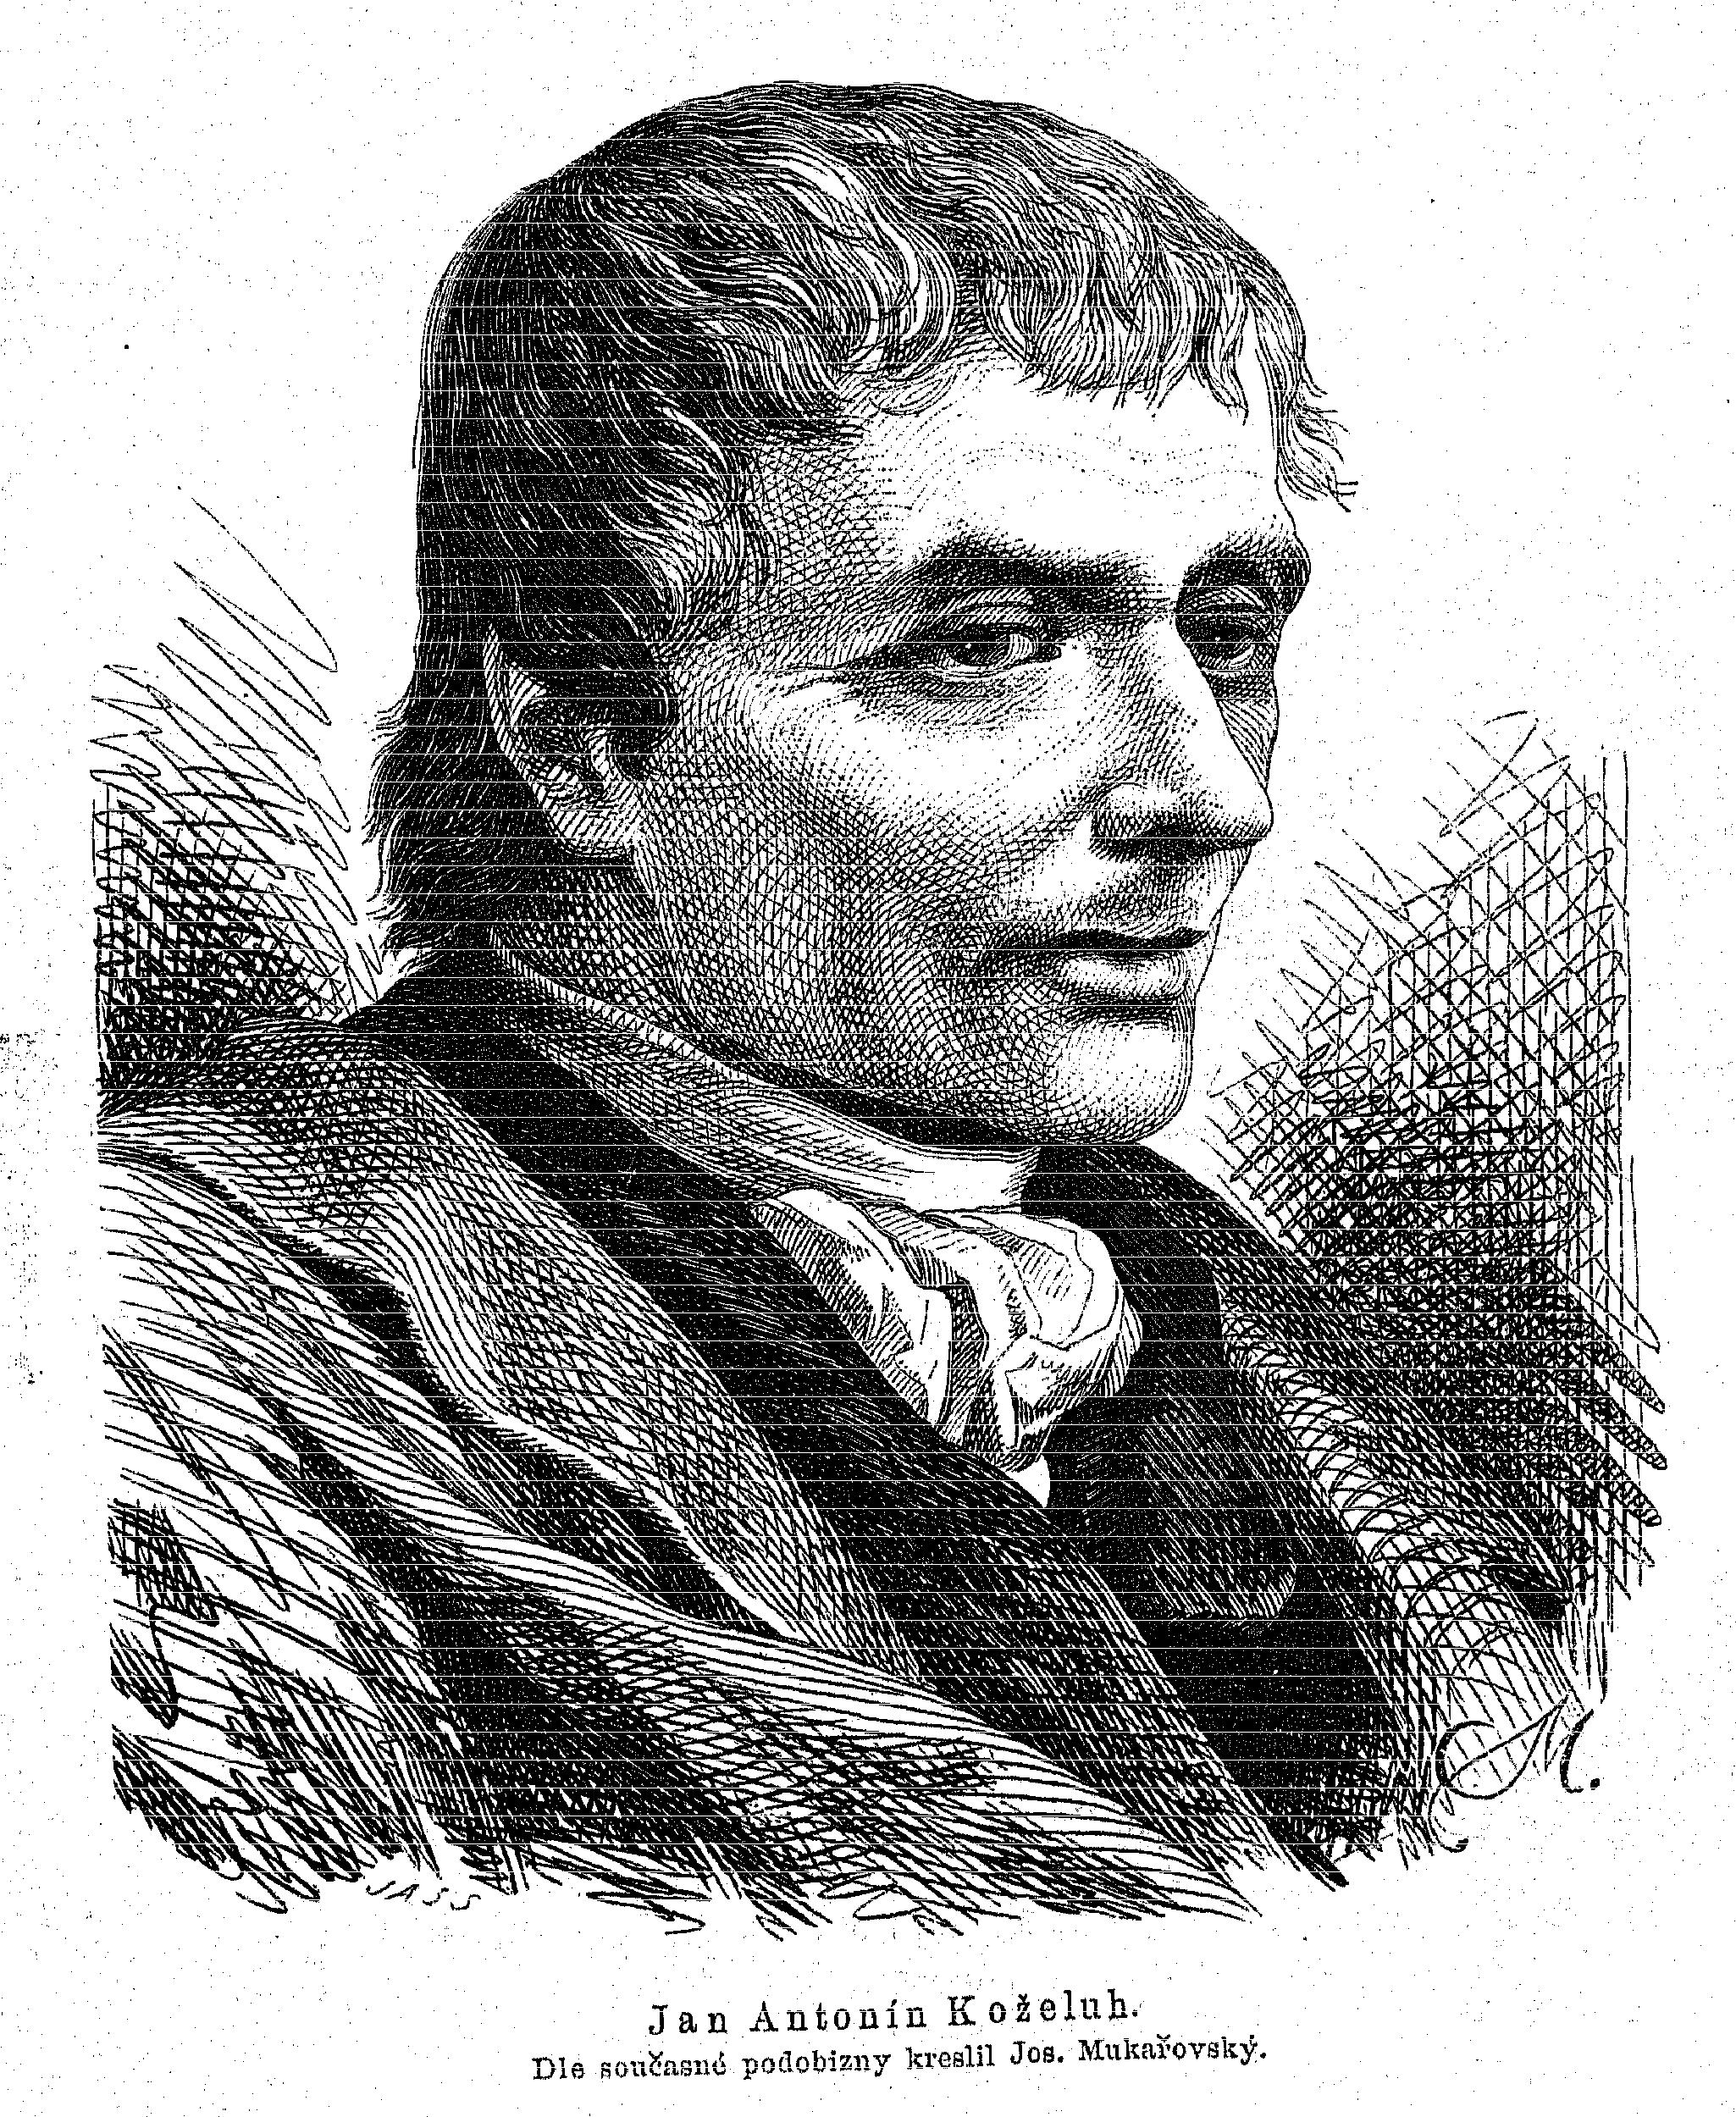 Jan Antonín Koželuh